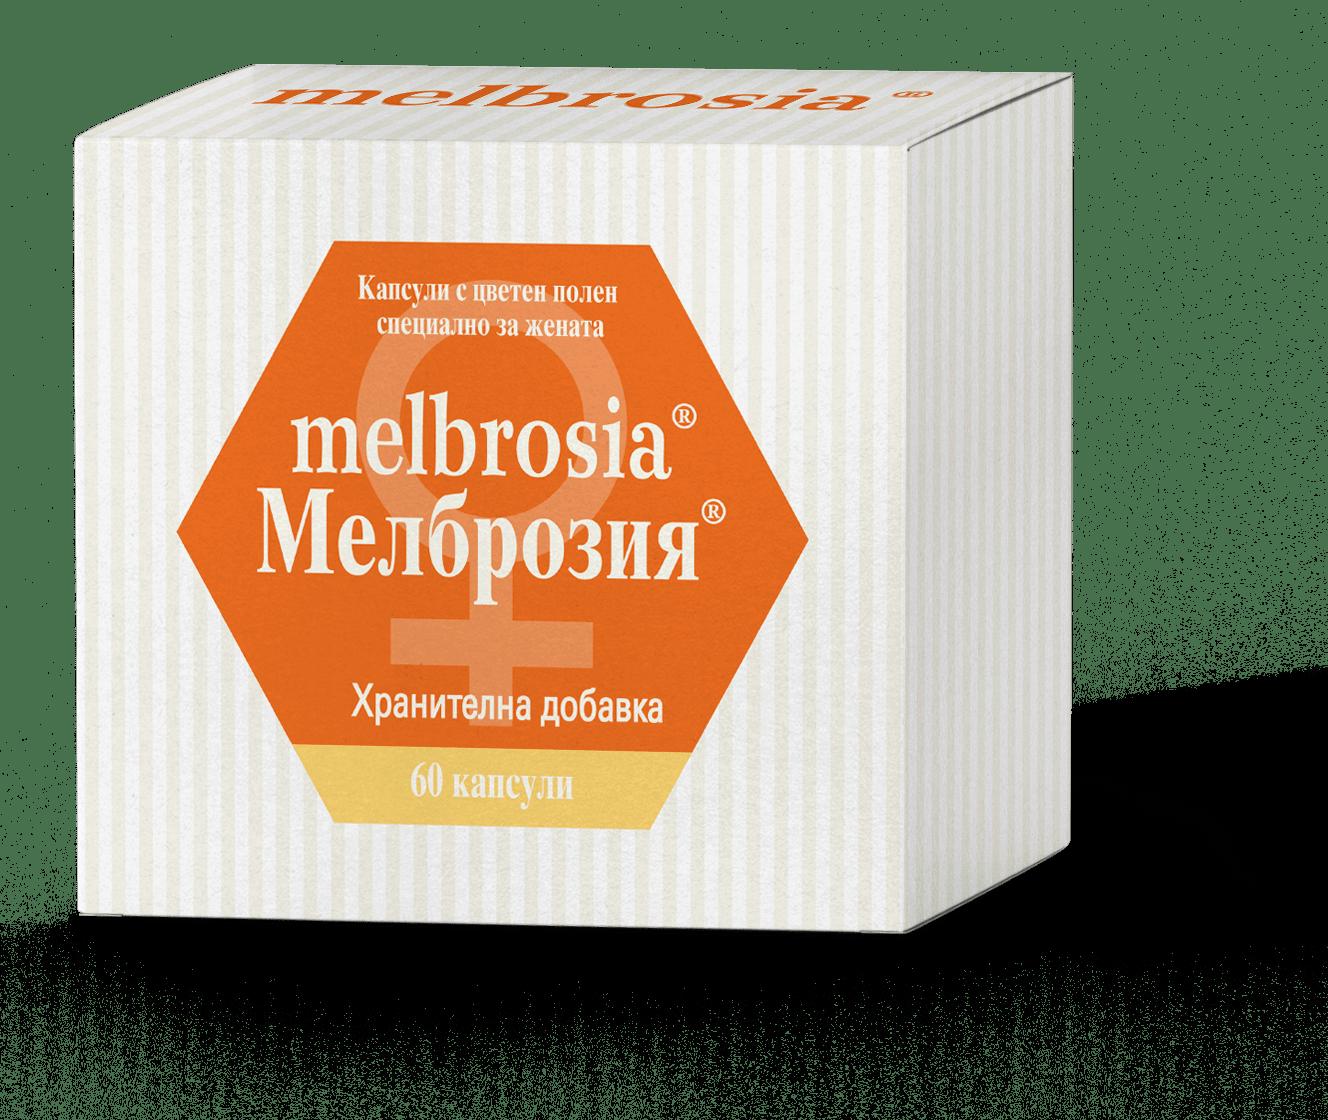 Мелброзия